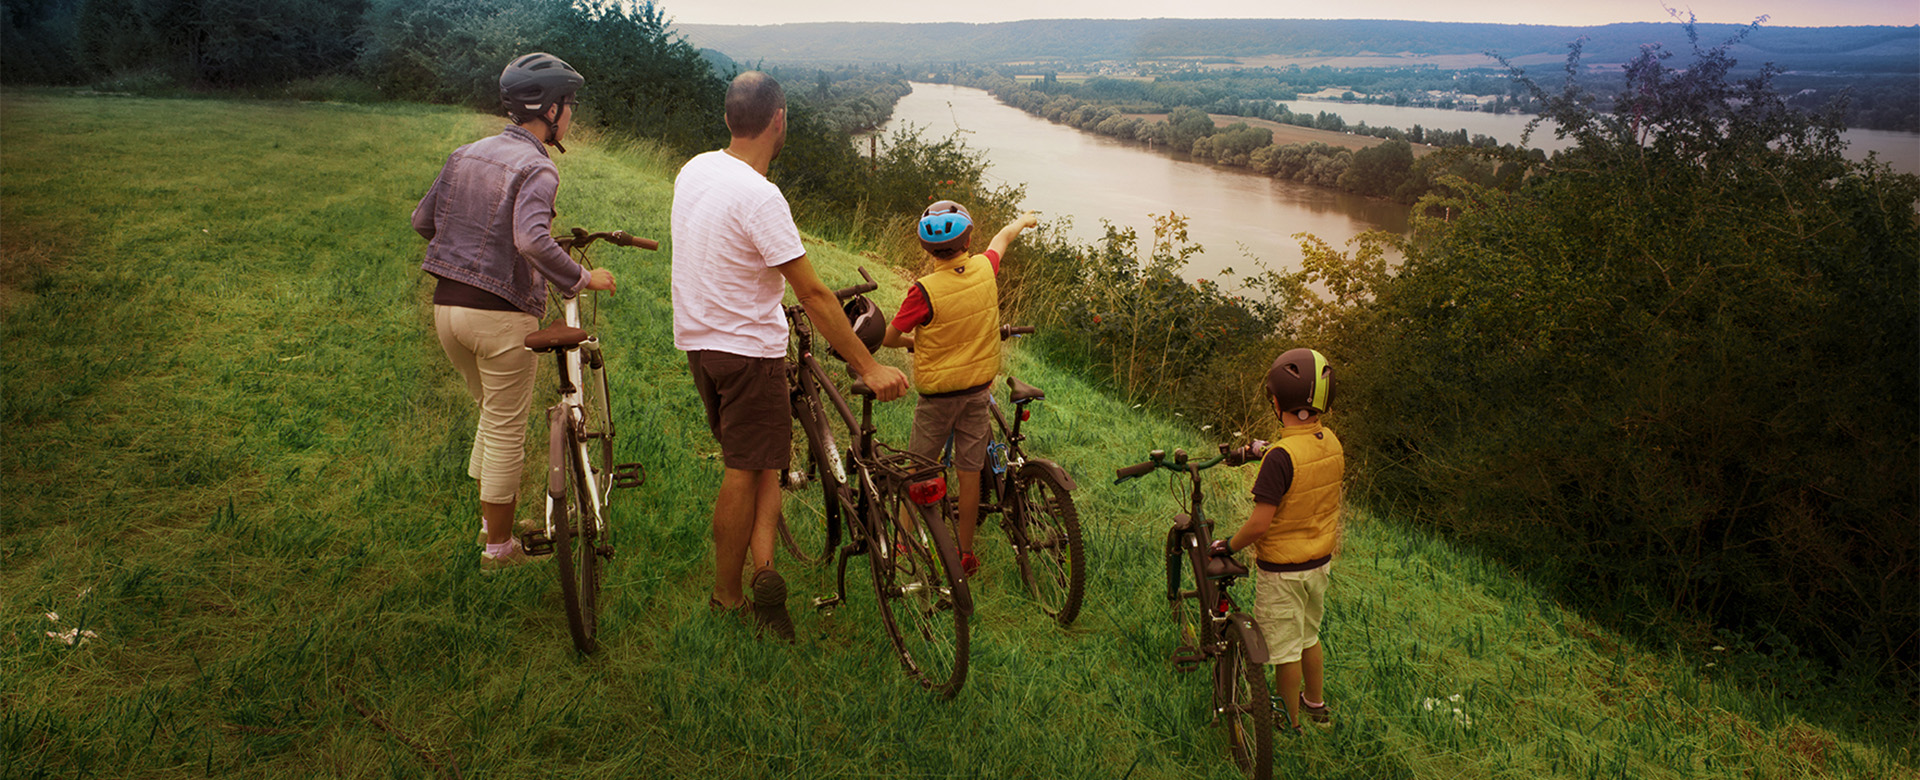 Le Pôle Métropolitain Rouen Seine-Eure lance une résidence artistique autour de la «Seine à vélo»